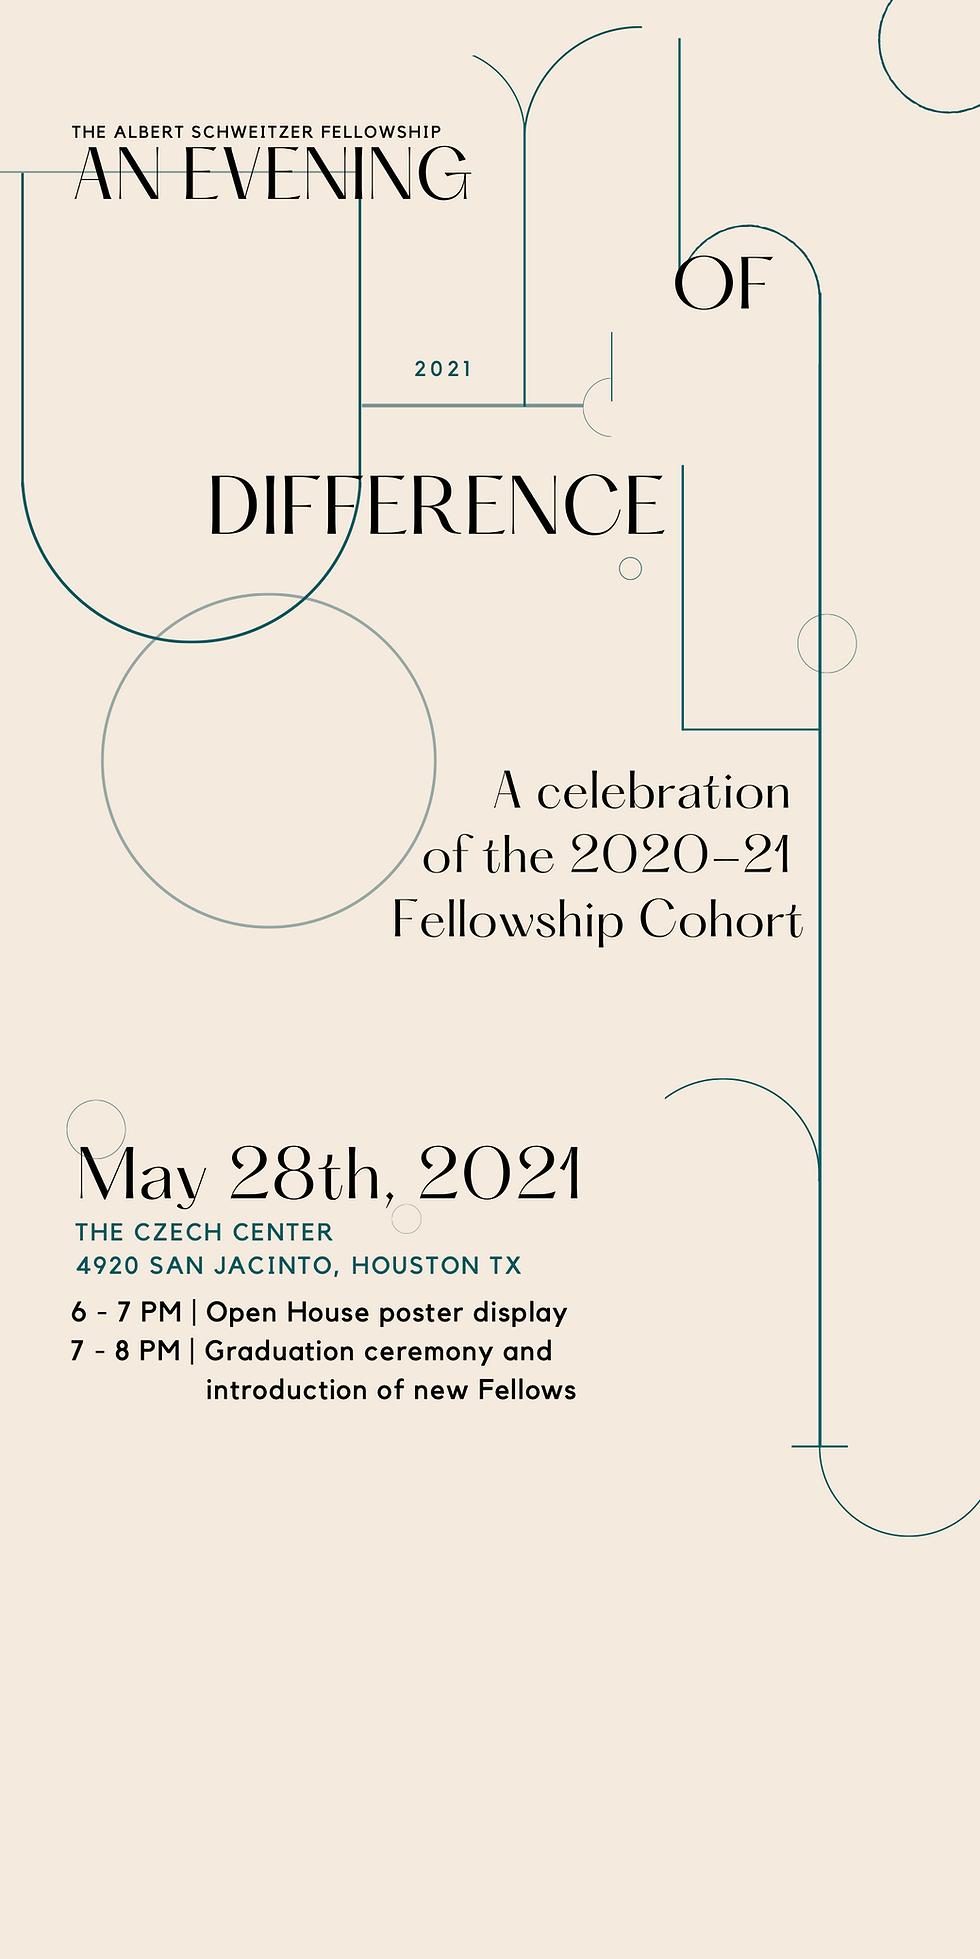 Honoring the ASFHG 2020-21 Fellowship Co